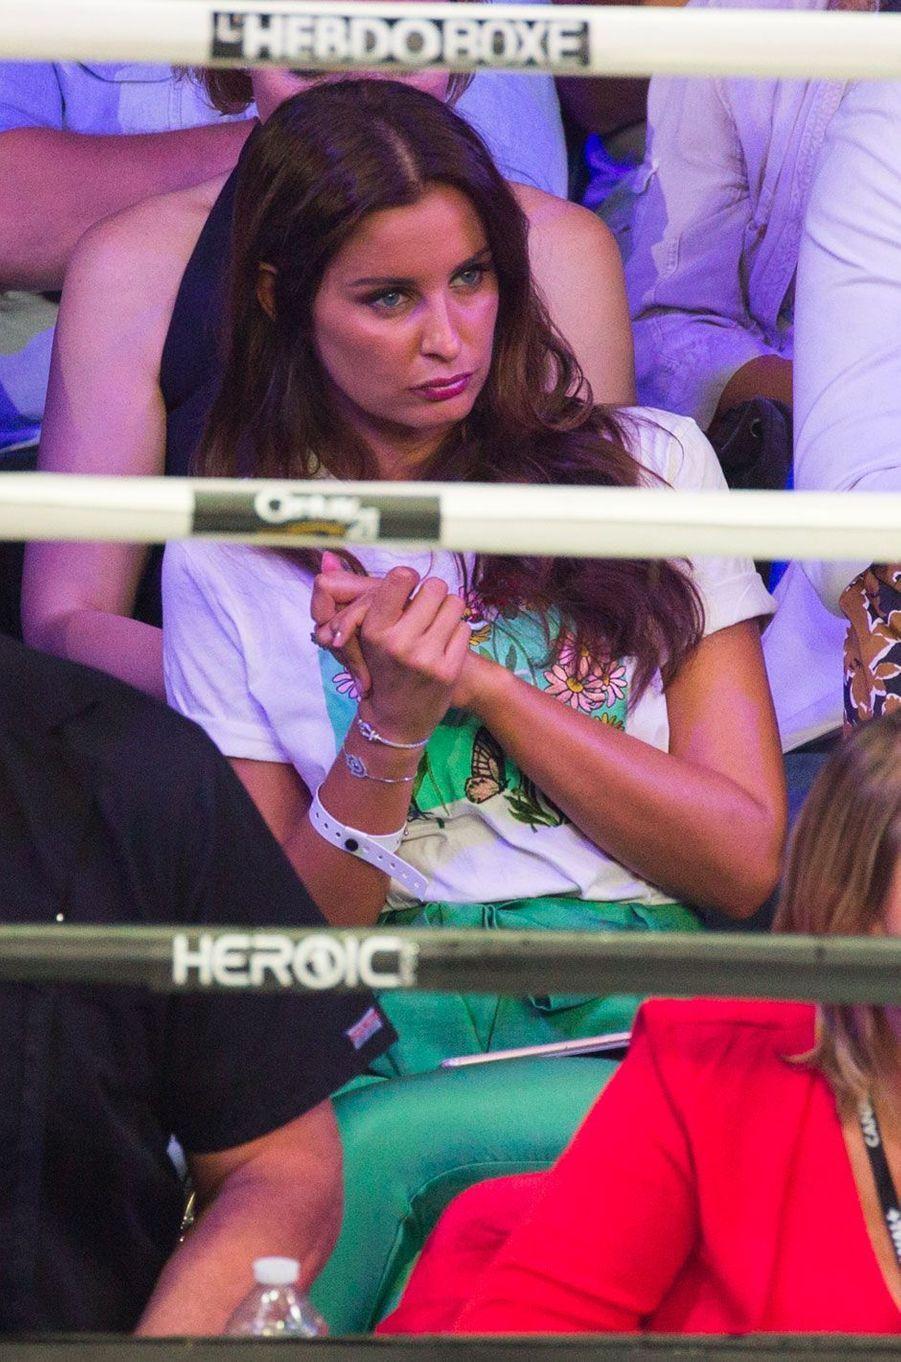 Malika Ménard au match de boxe de Tony Yoka au palais des sports de Paris, le 23 juin 2018